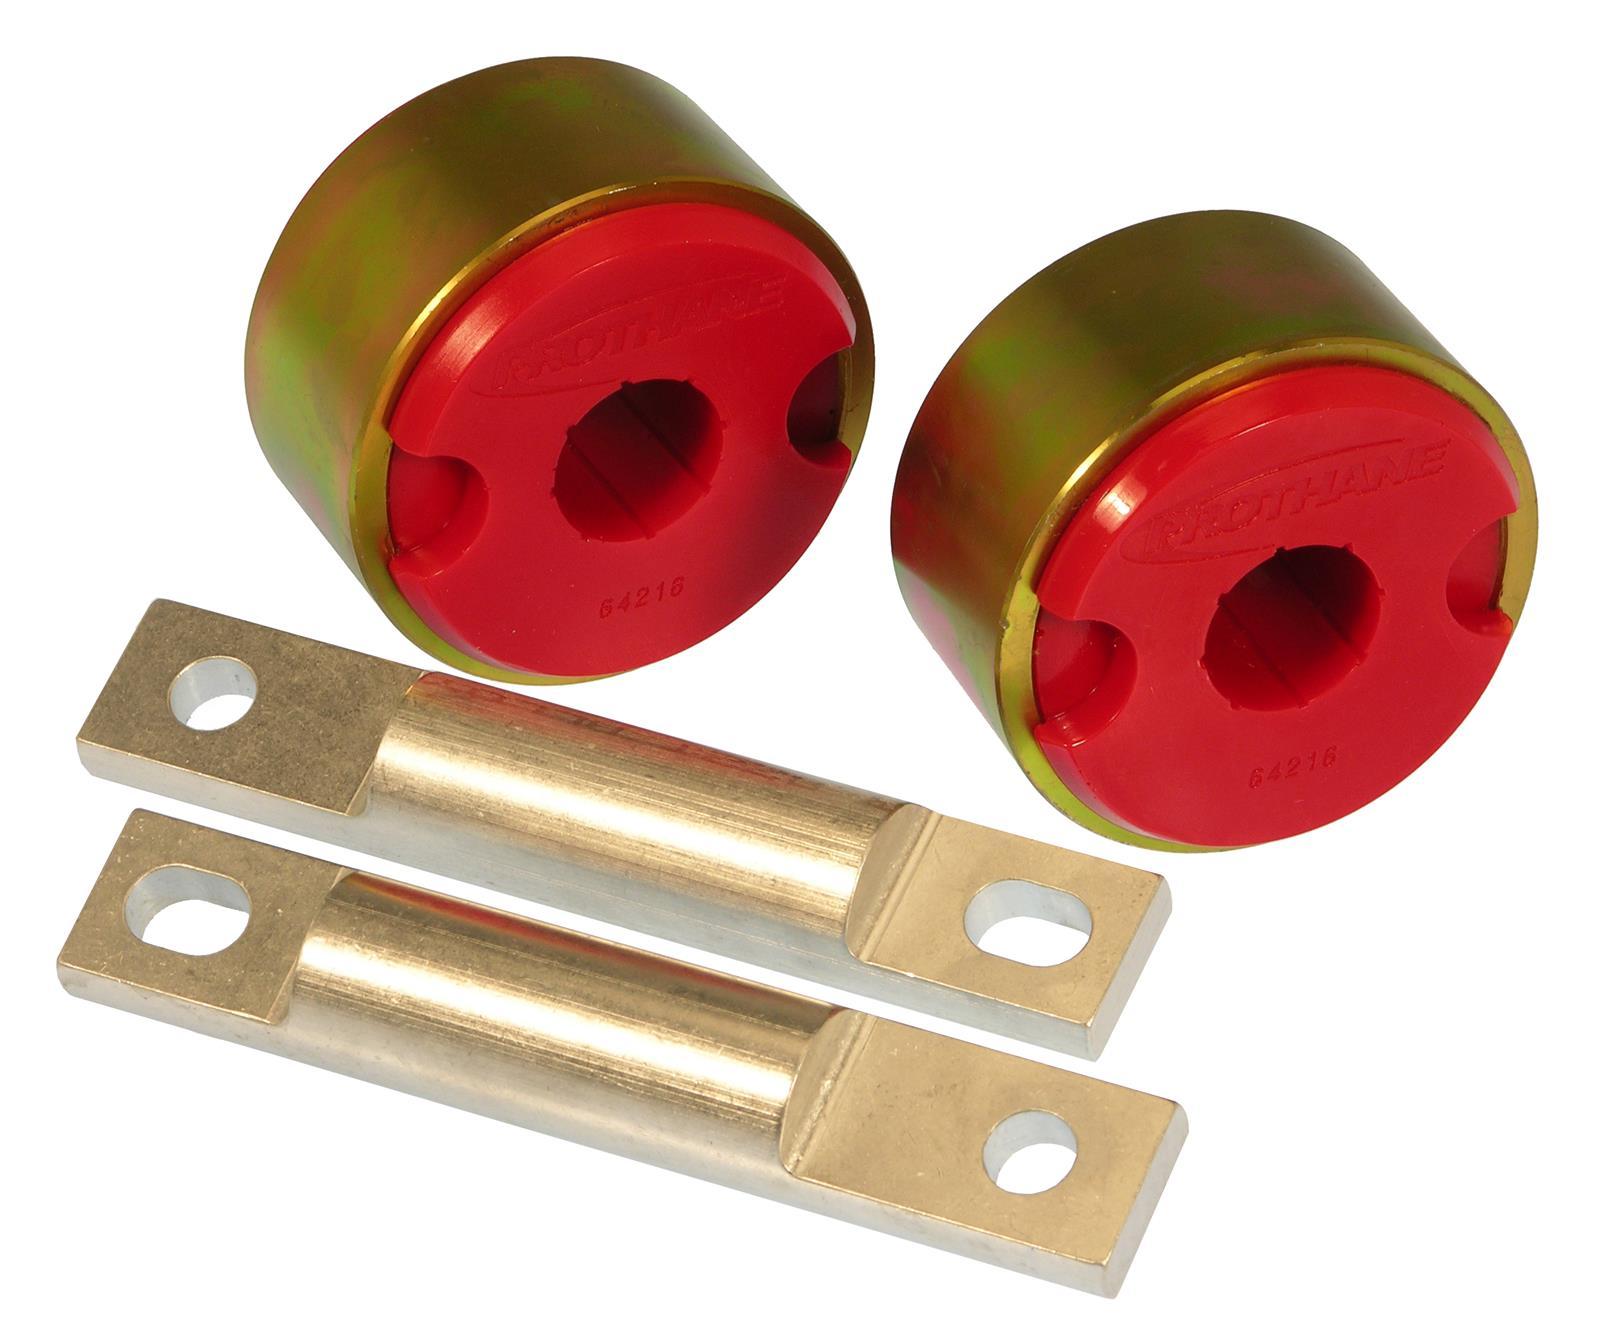 Prothane 8-319-BL Rear Control Arm Bushing kit